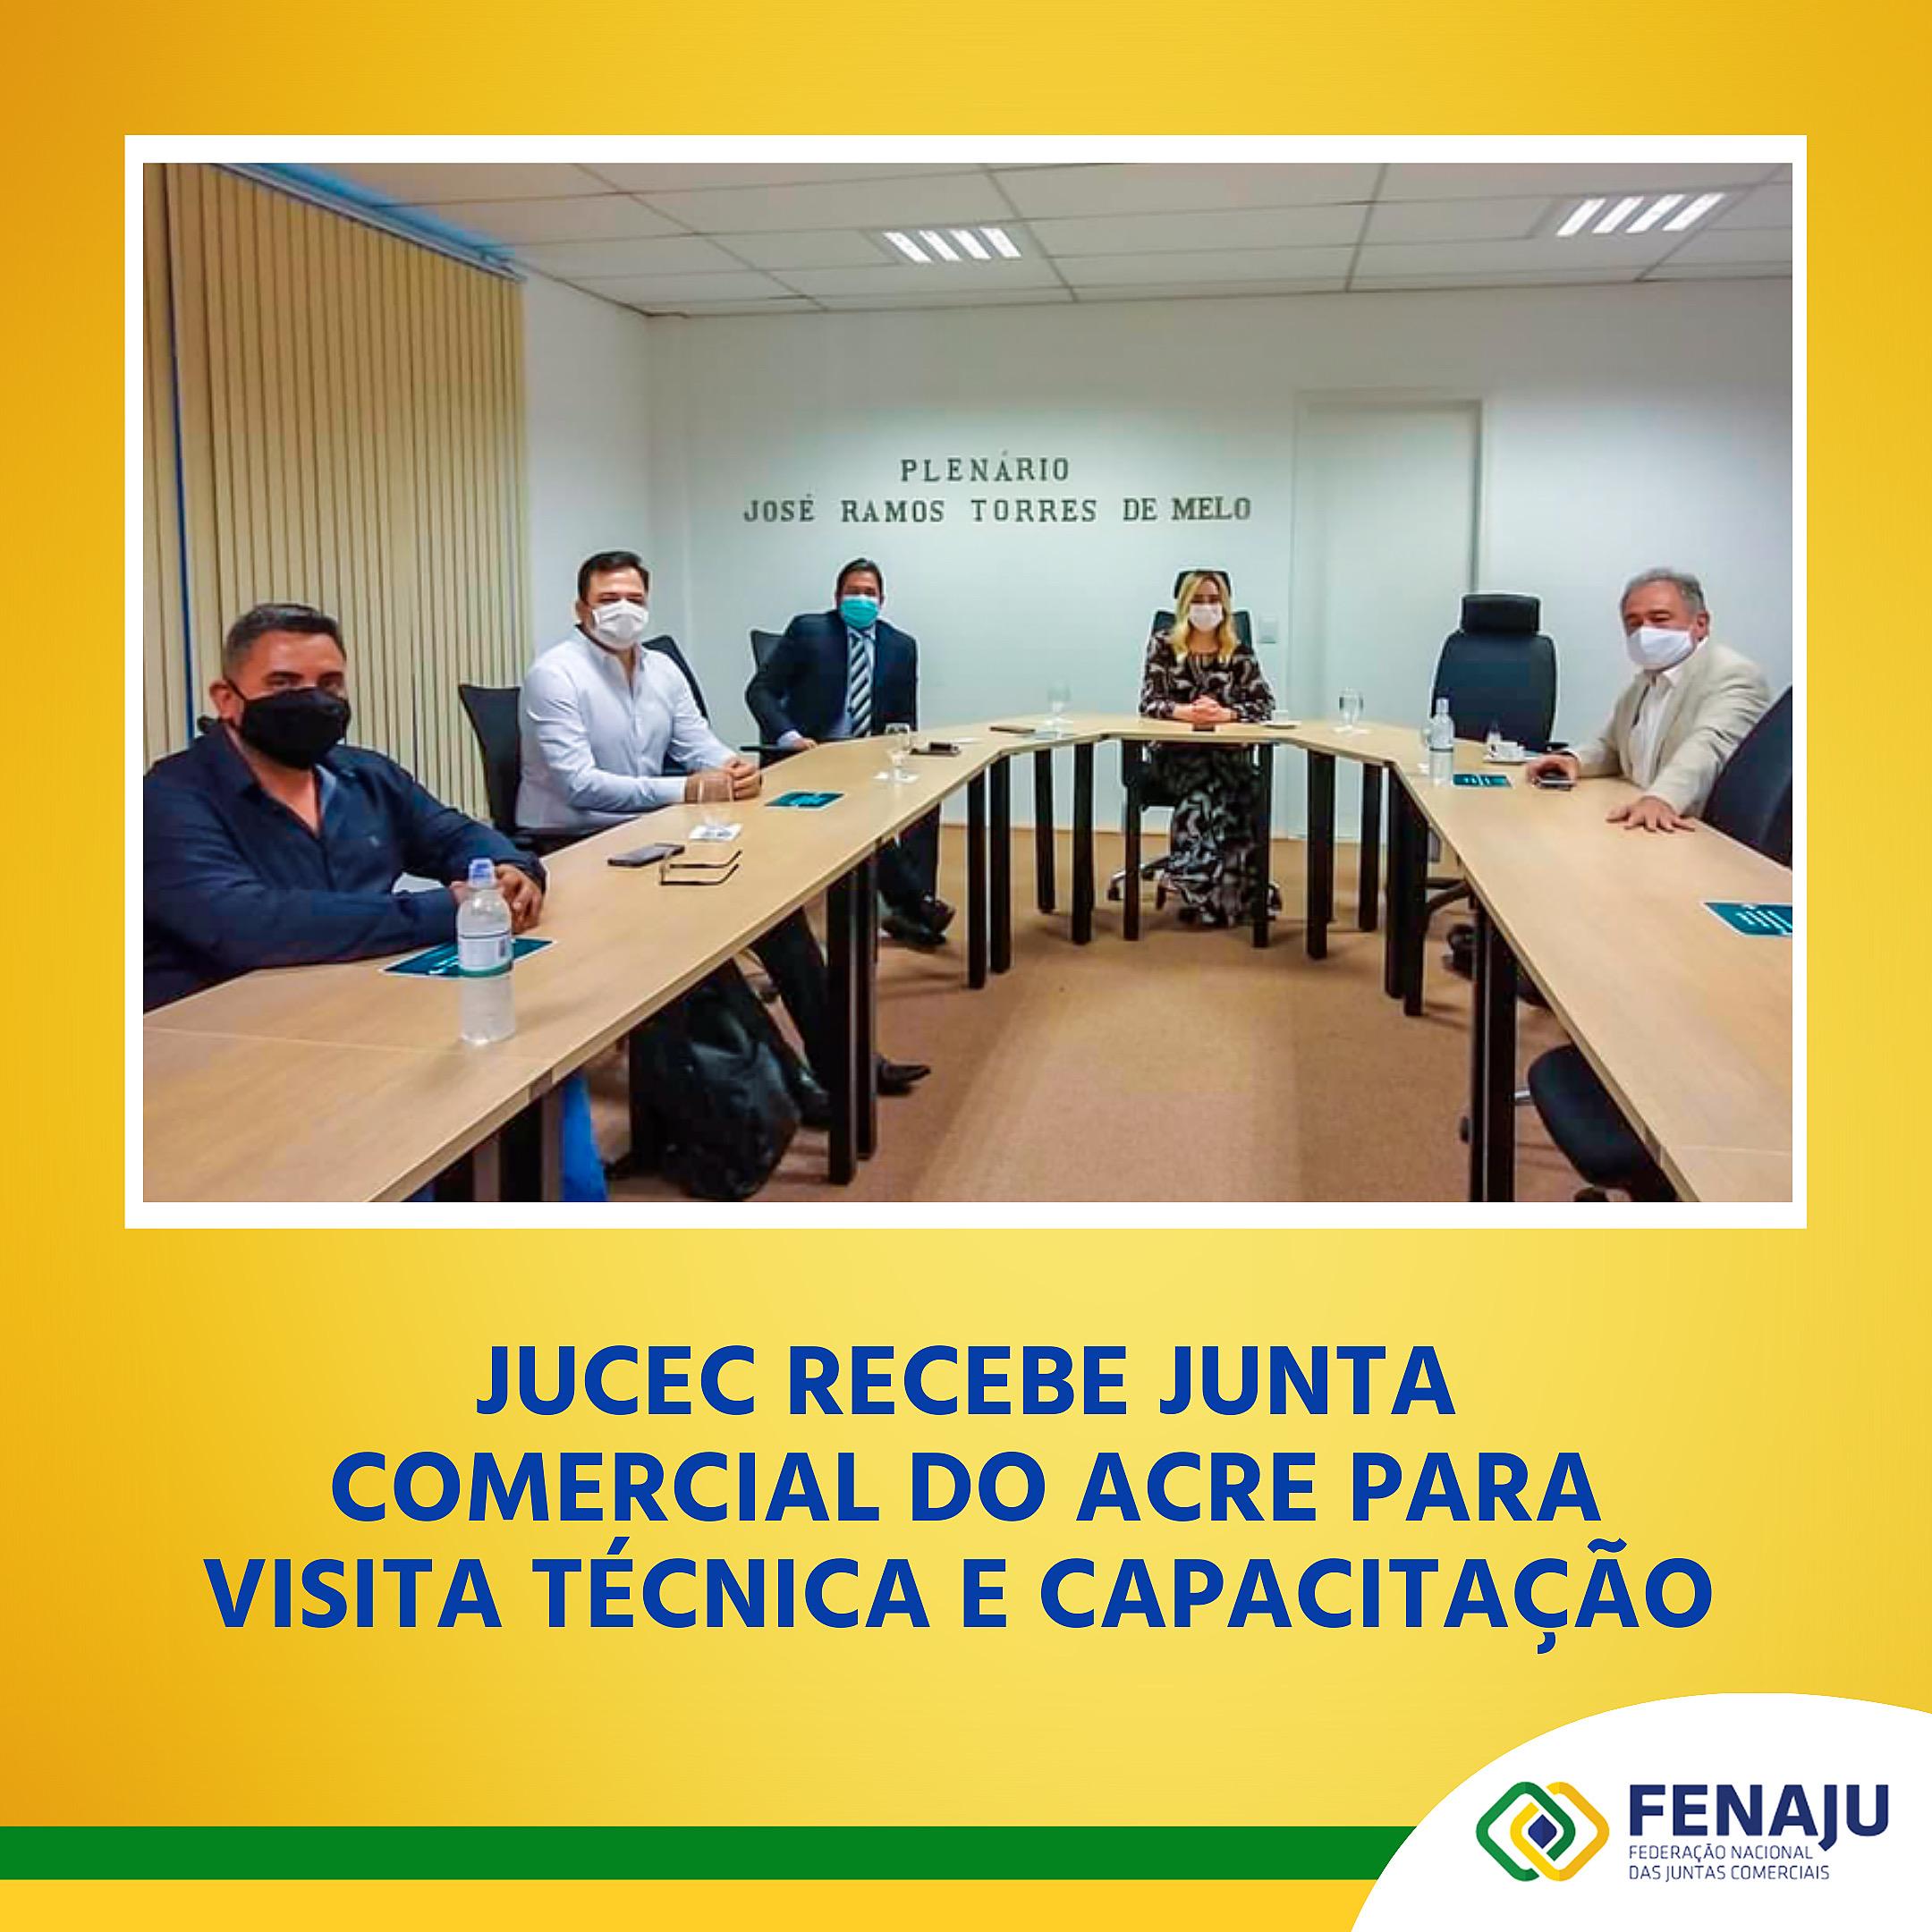 Jucec recebe Junta Comercial do Acre para visita técnica e capacitação